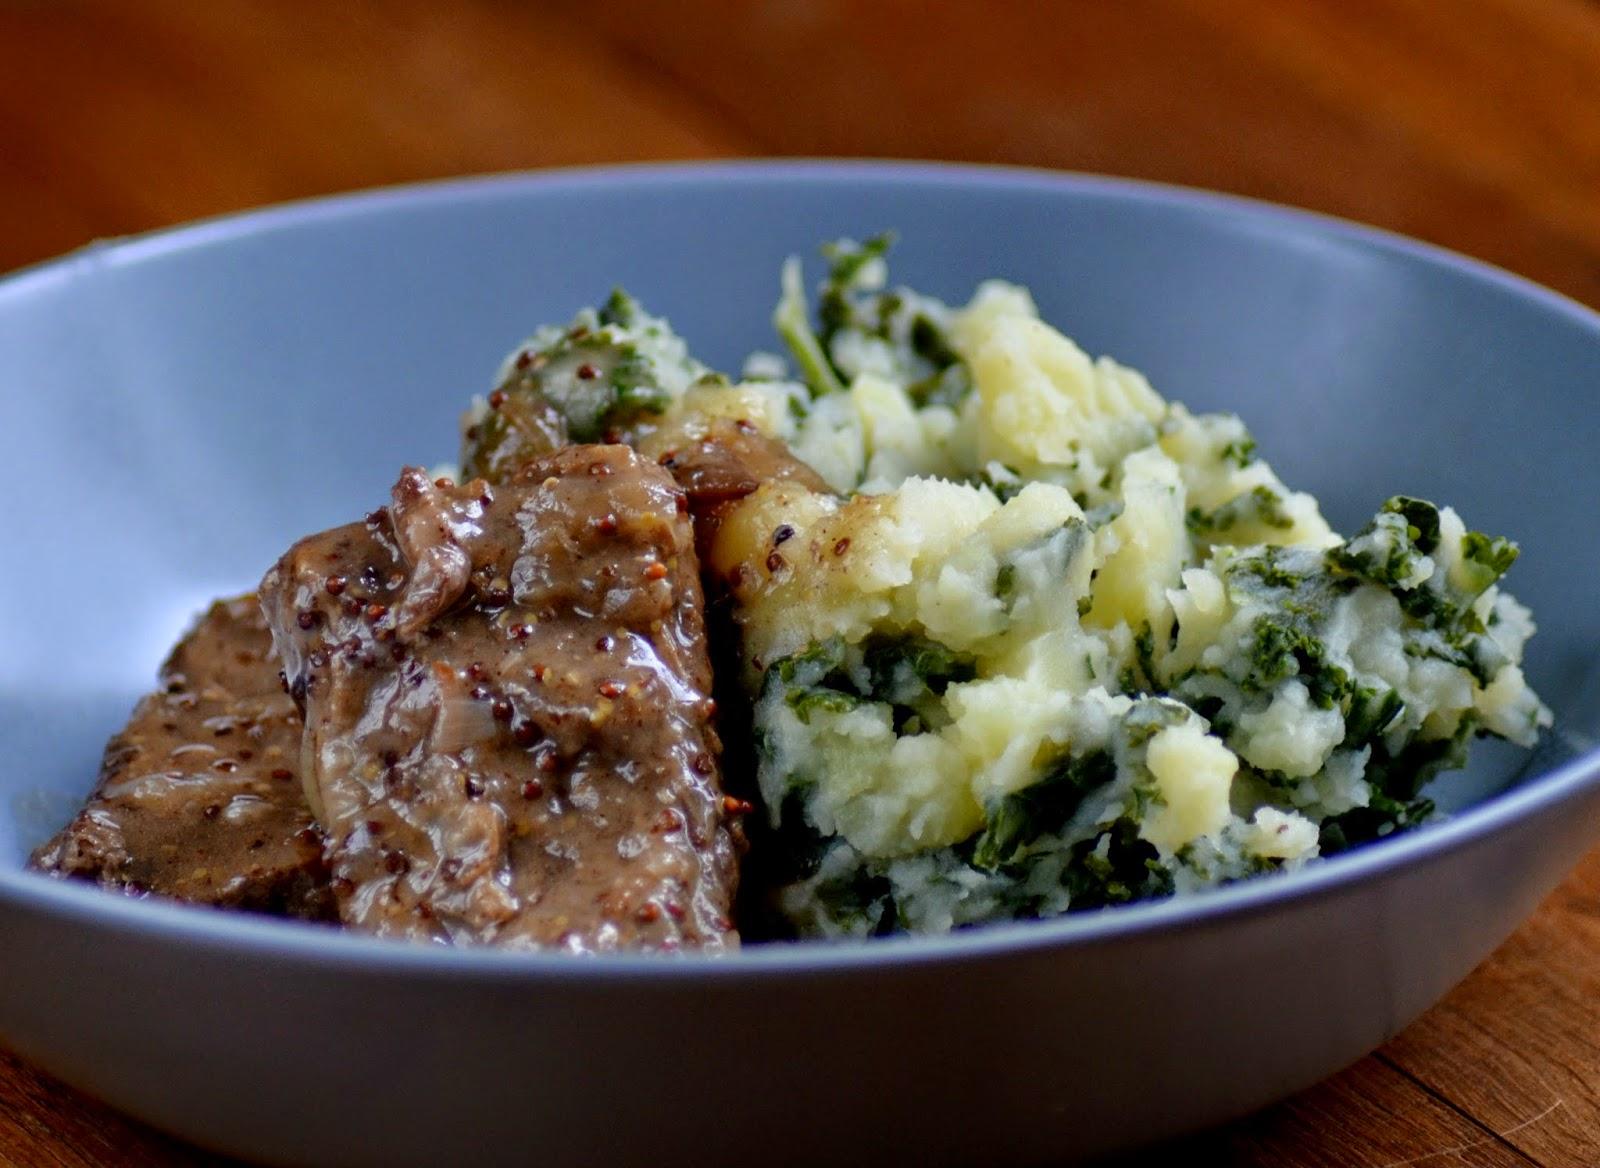 Boerenkool en stoofvlees met bier en mosterd